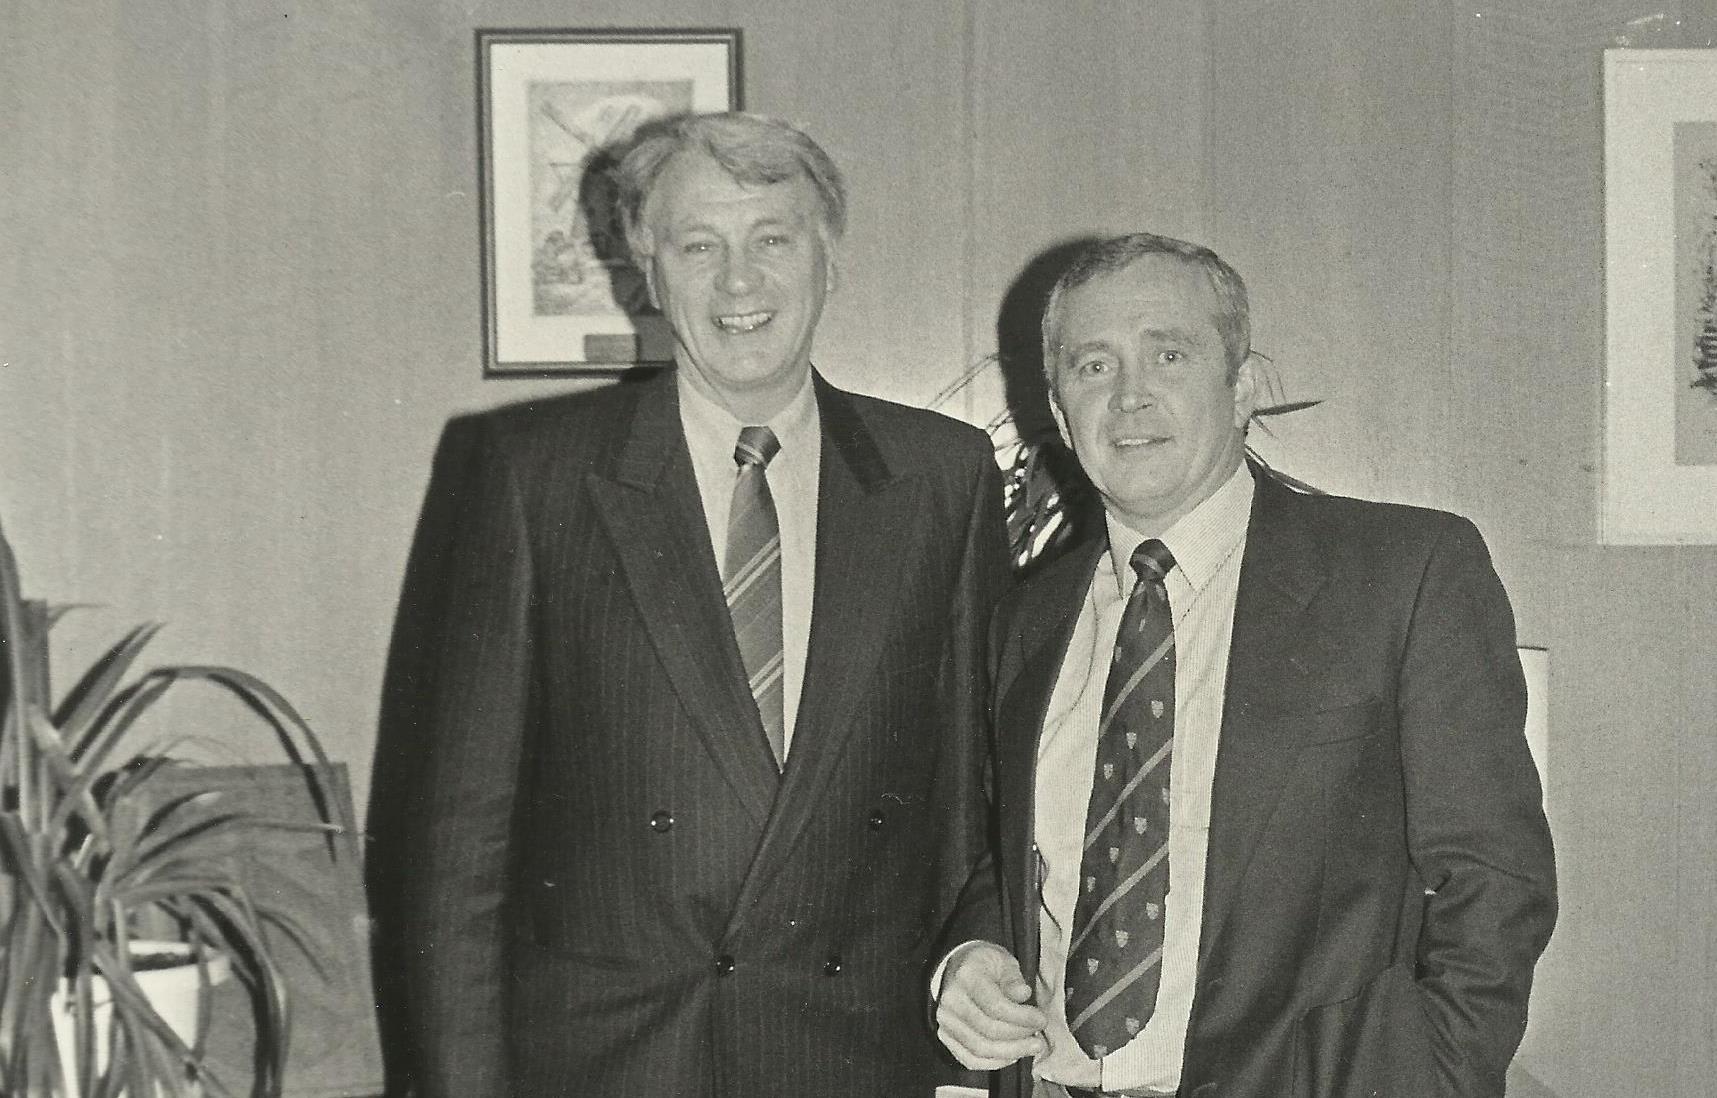 Kevin Reardon with Bobby Robson